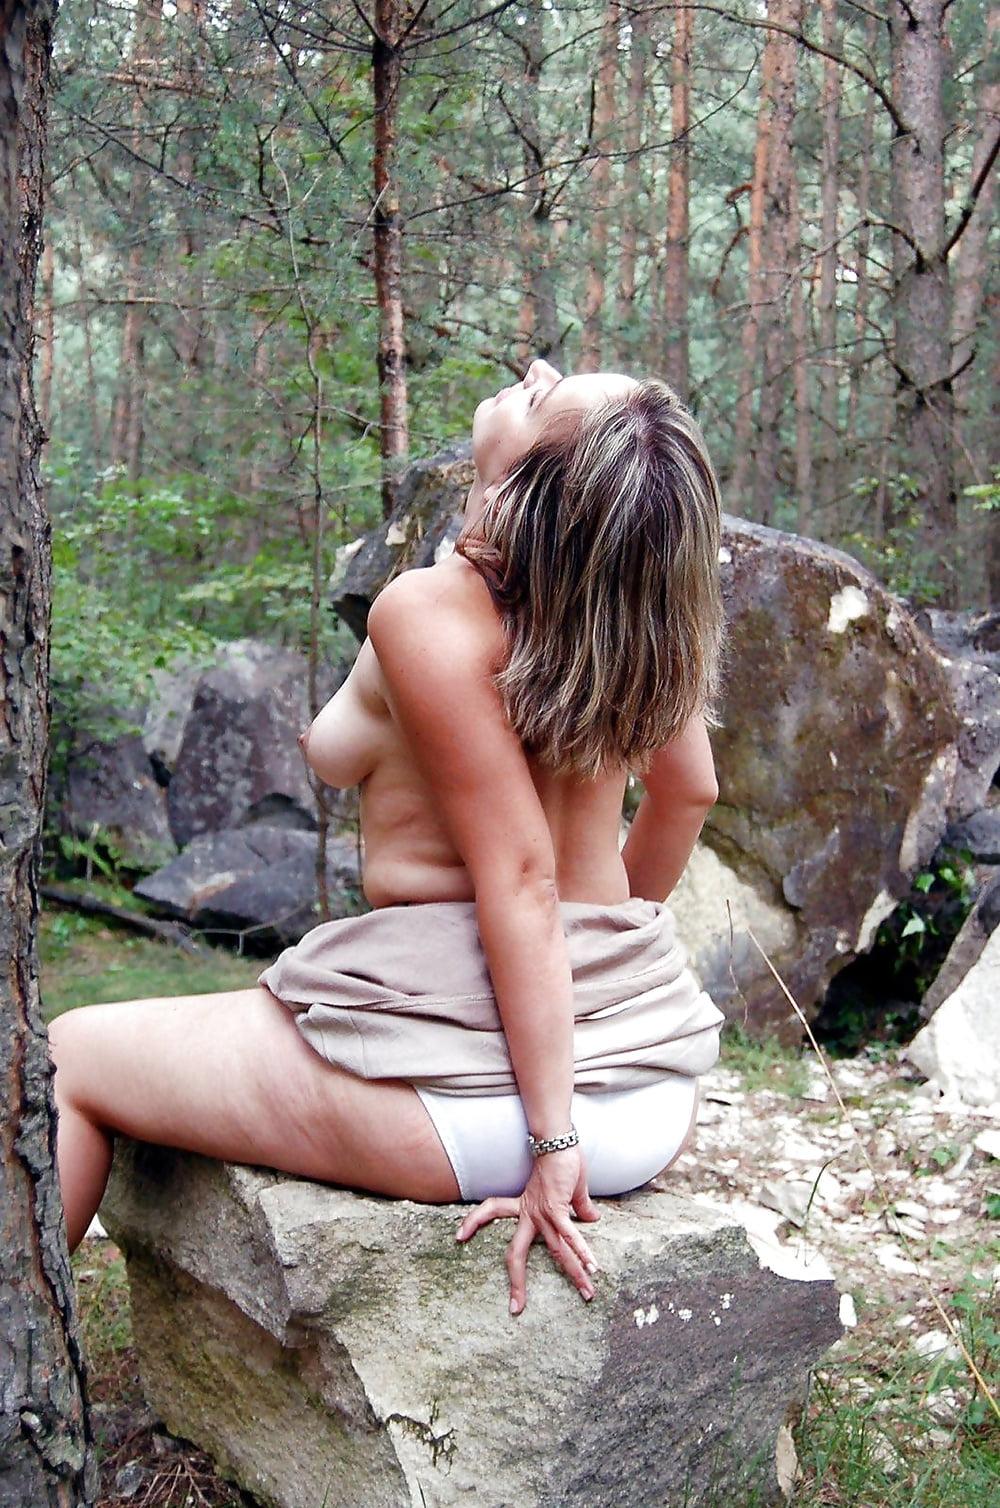 vzrosluyu-v-lesu-erotika